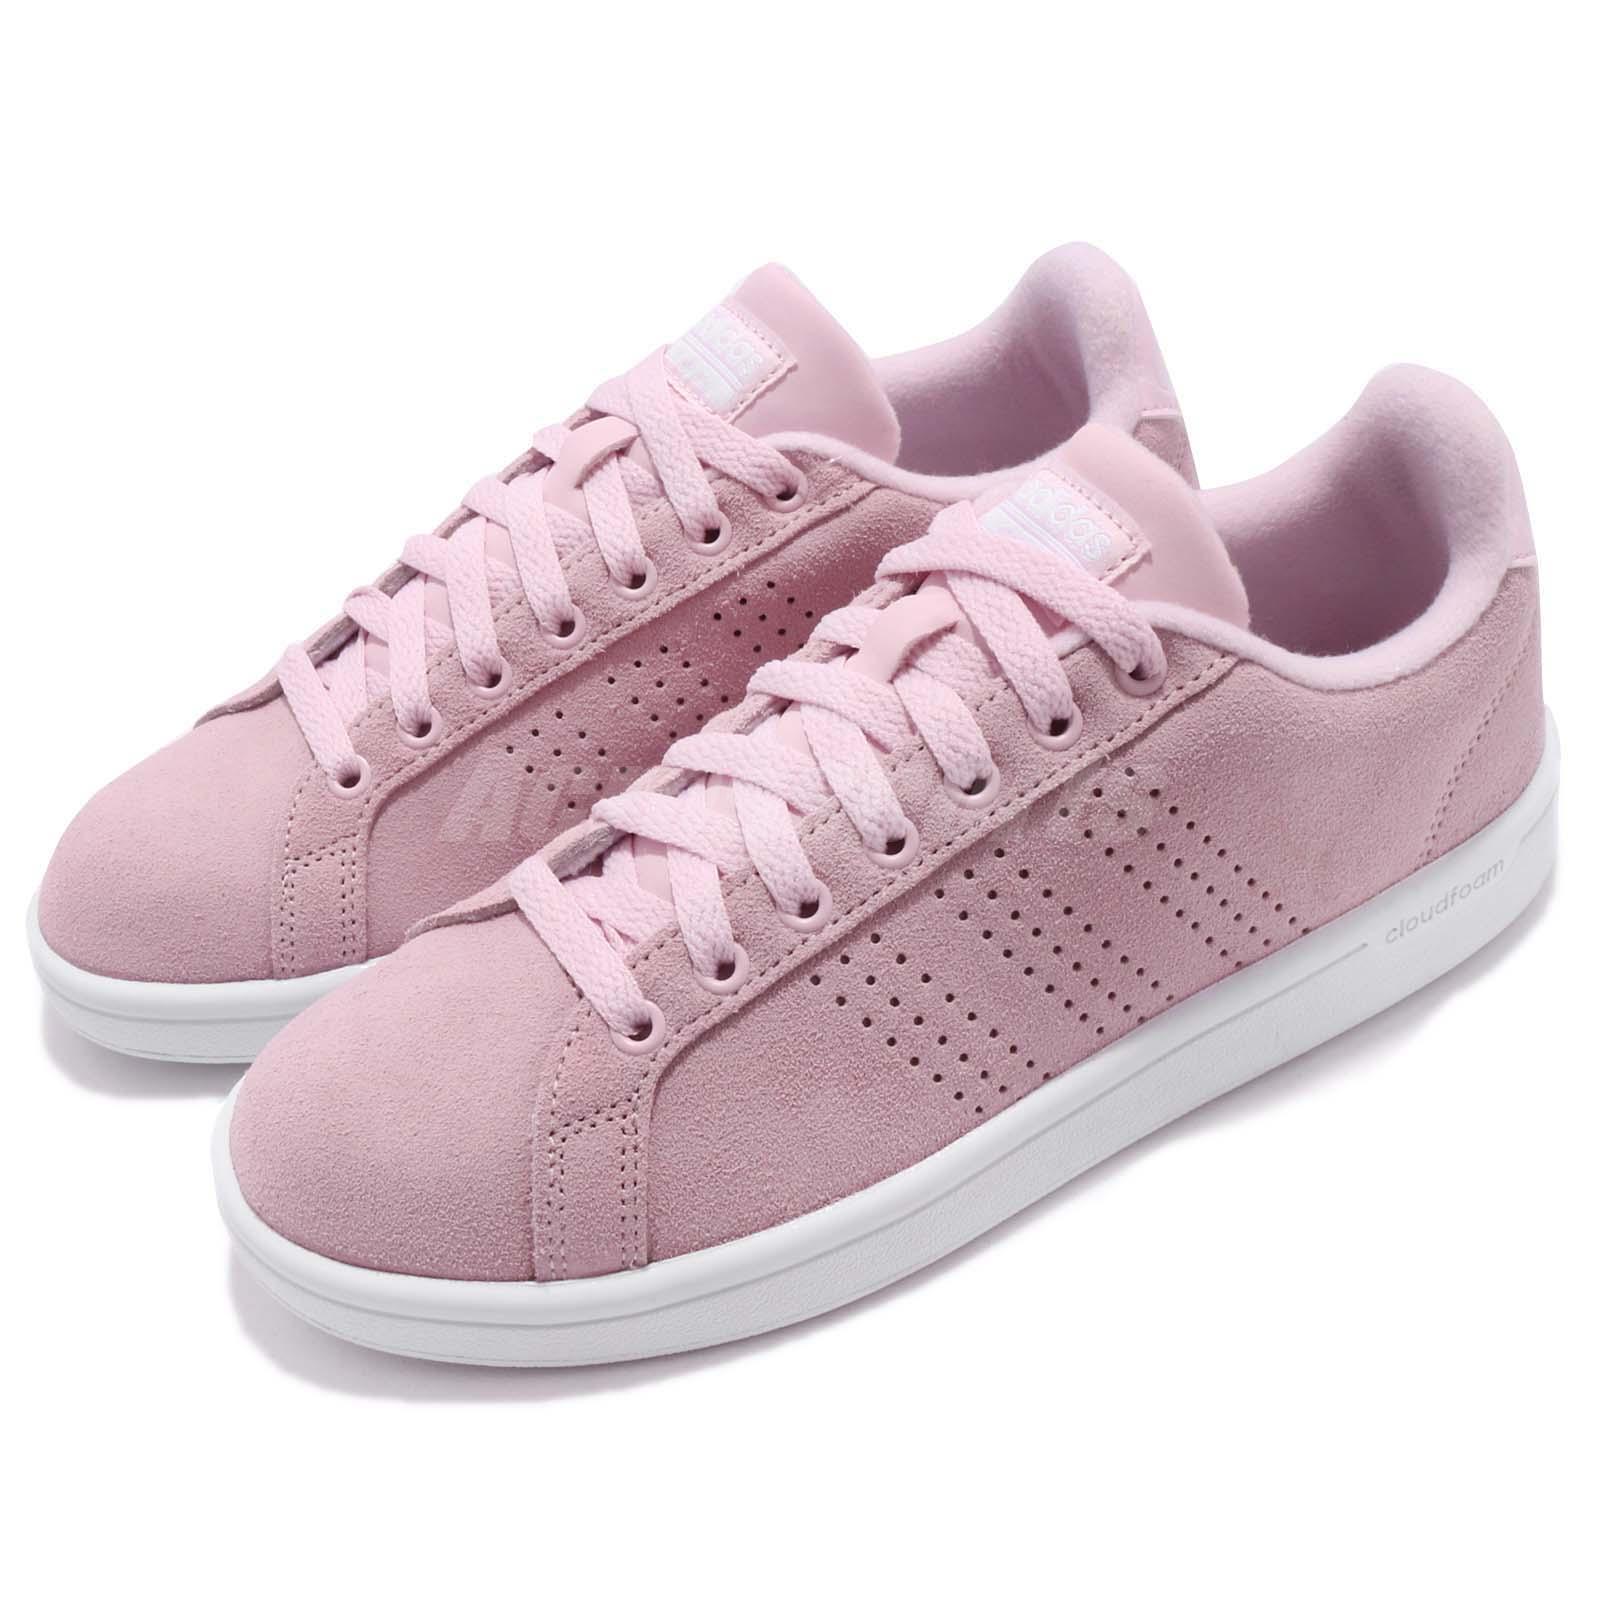 adidas CF Advantage CL W Cloudfoam Pink White Women Shoes Sneakers  DB1319